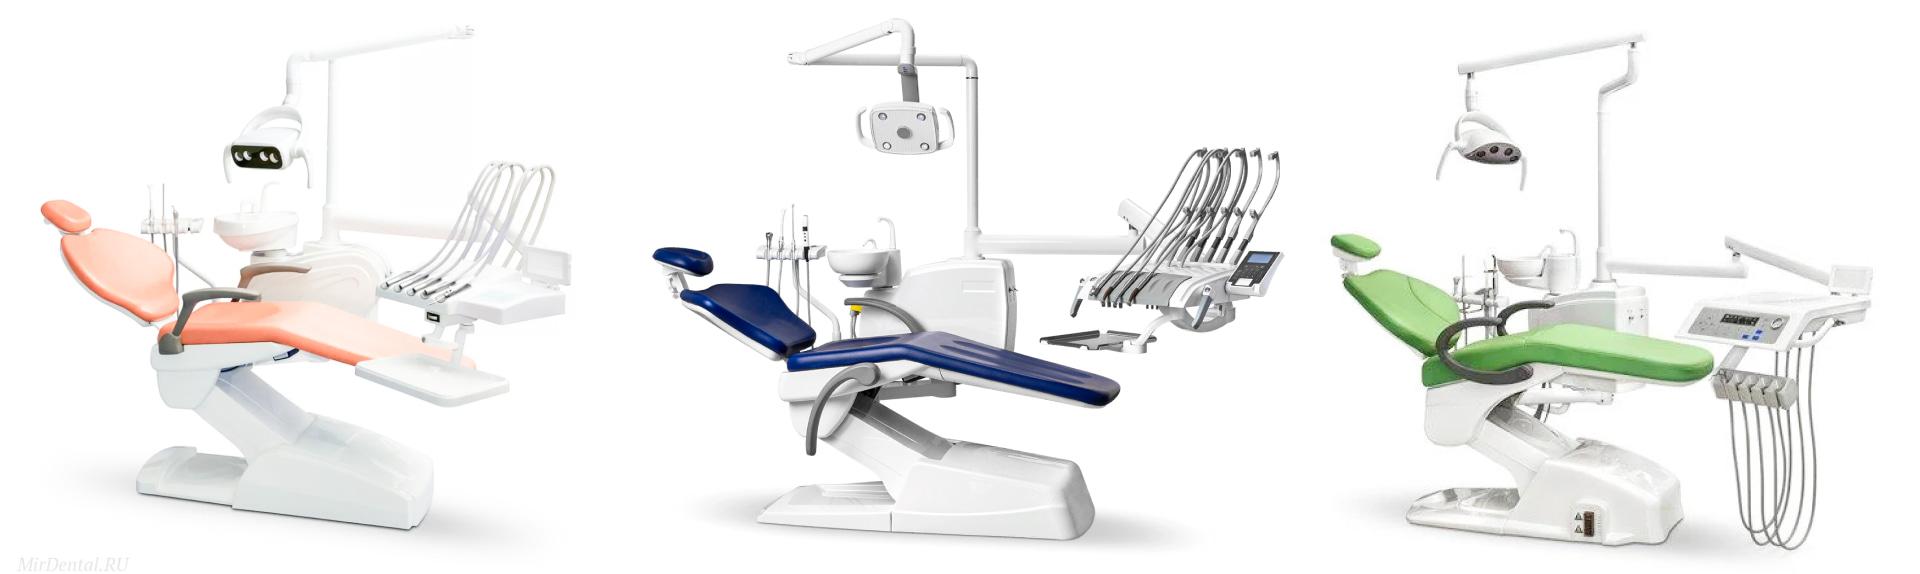 Mercury 330 Standart - стоматологическая установка китайская